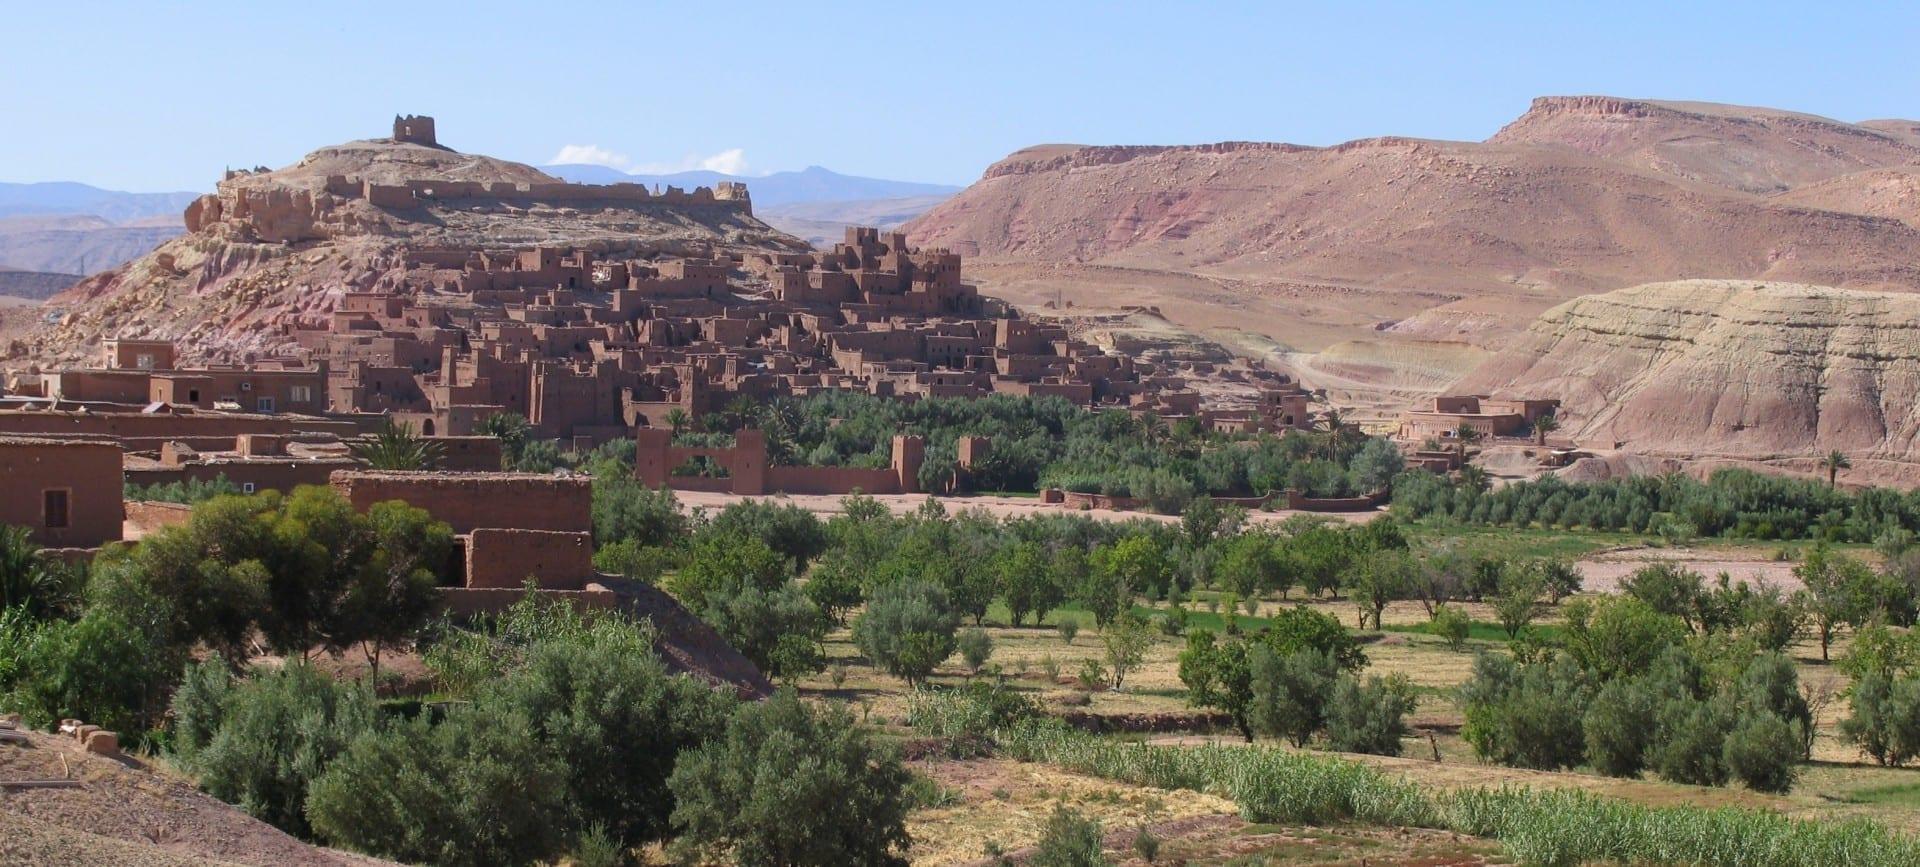 Ksar de Aït-Benhaddou Ait Ben Haddou Marruecos